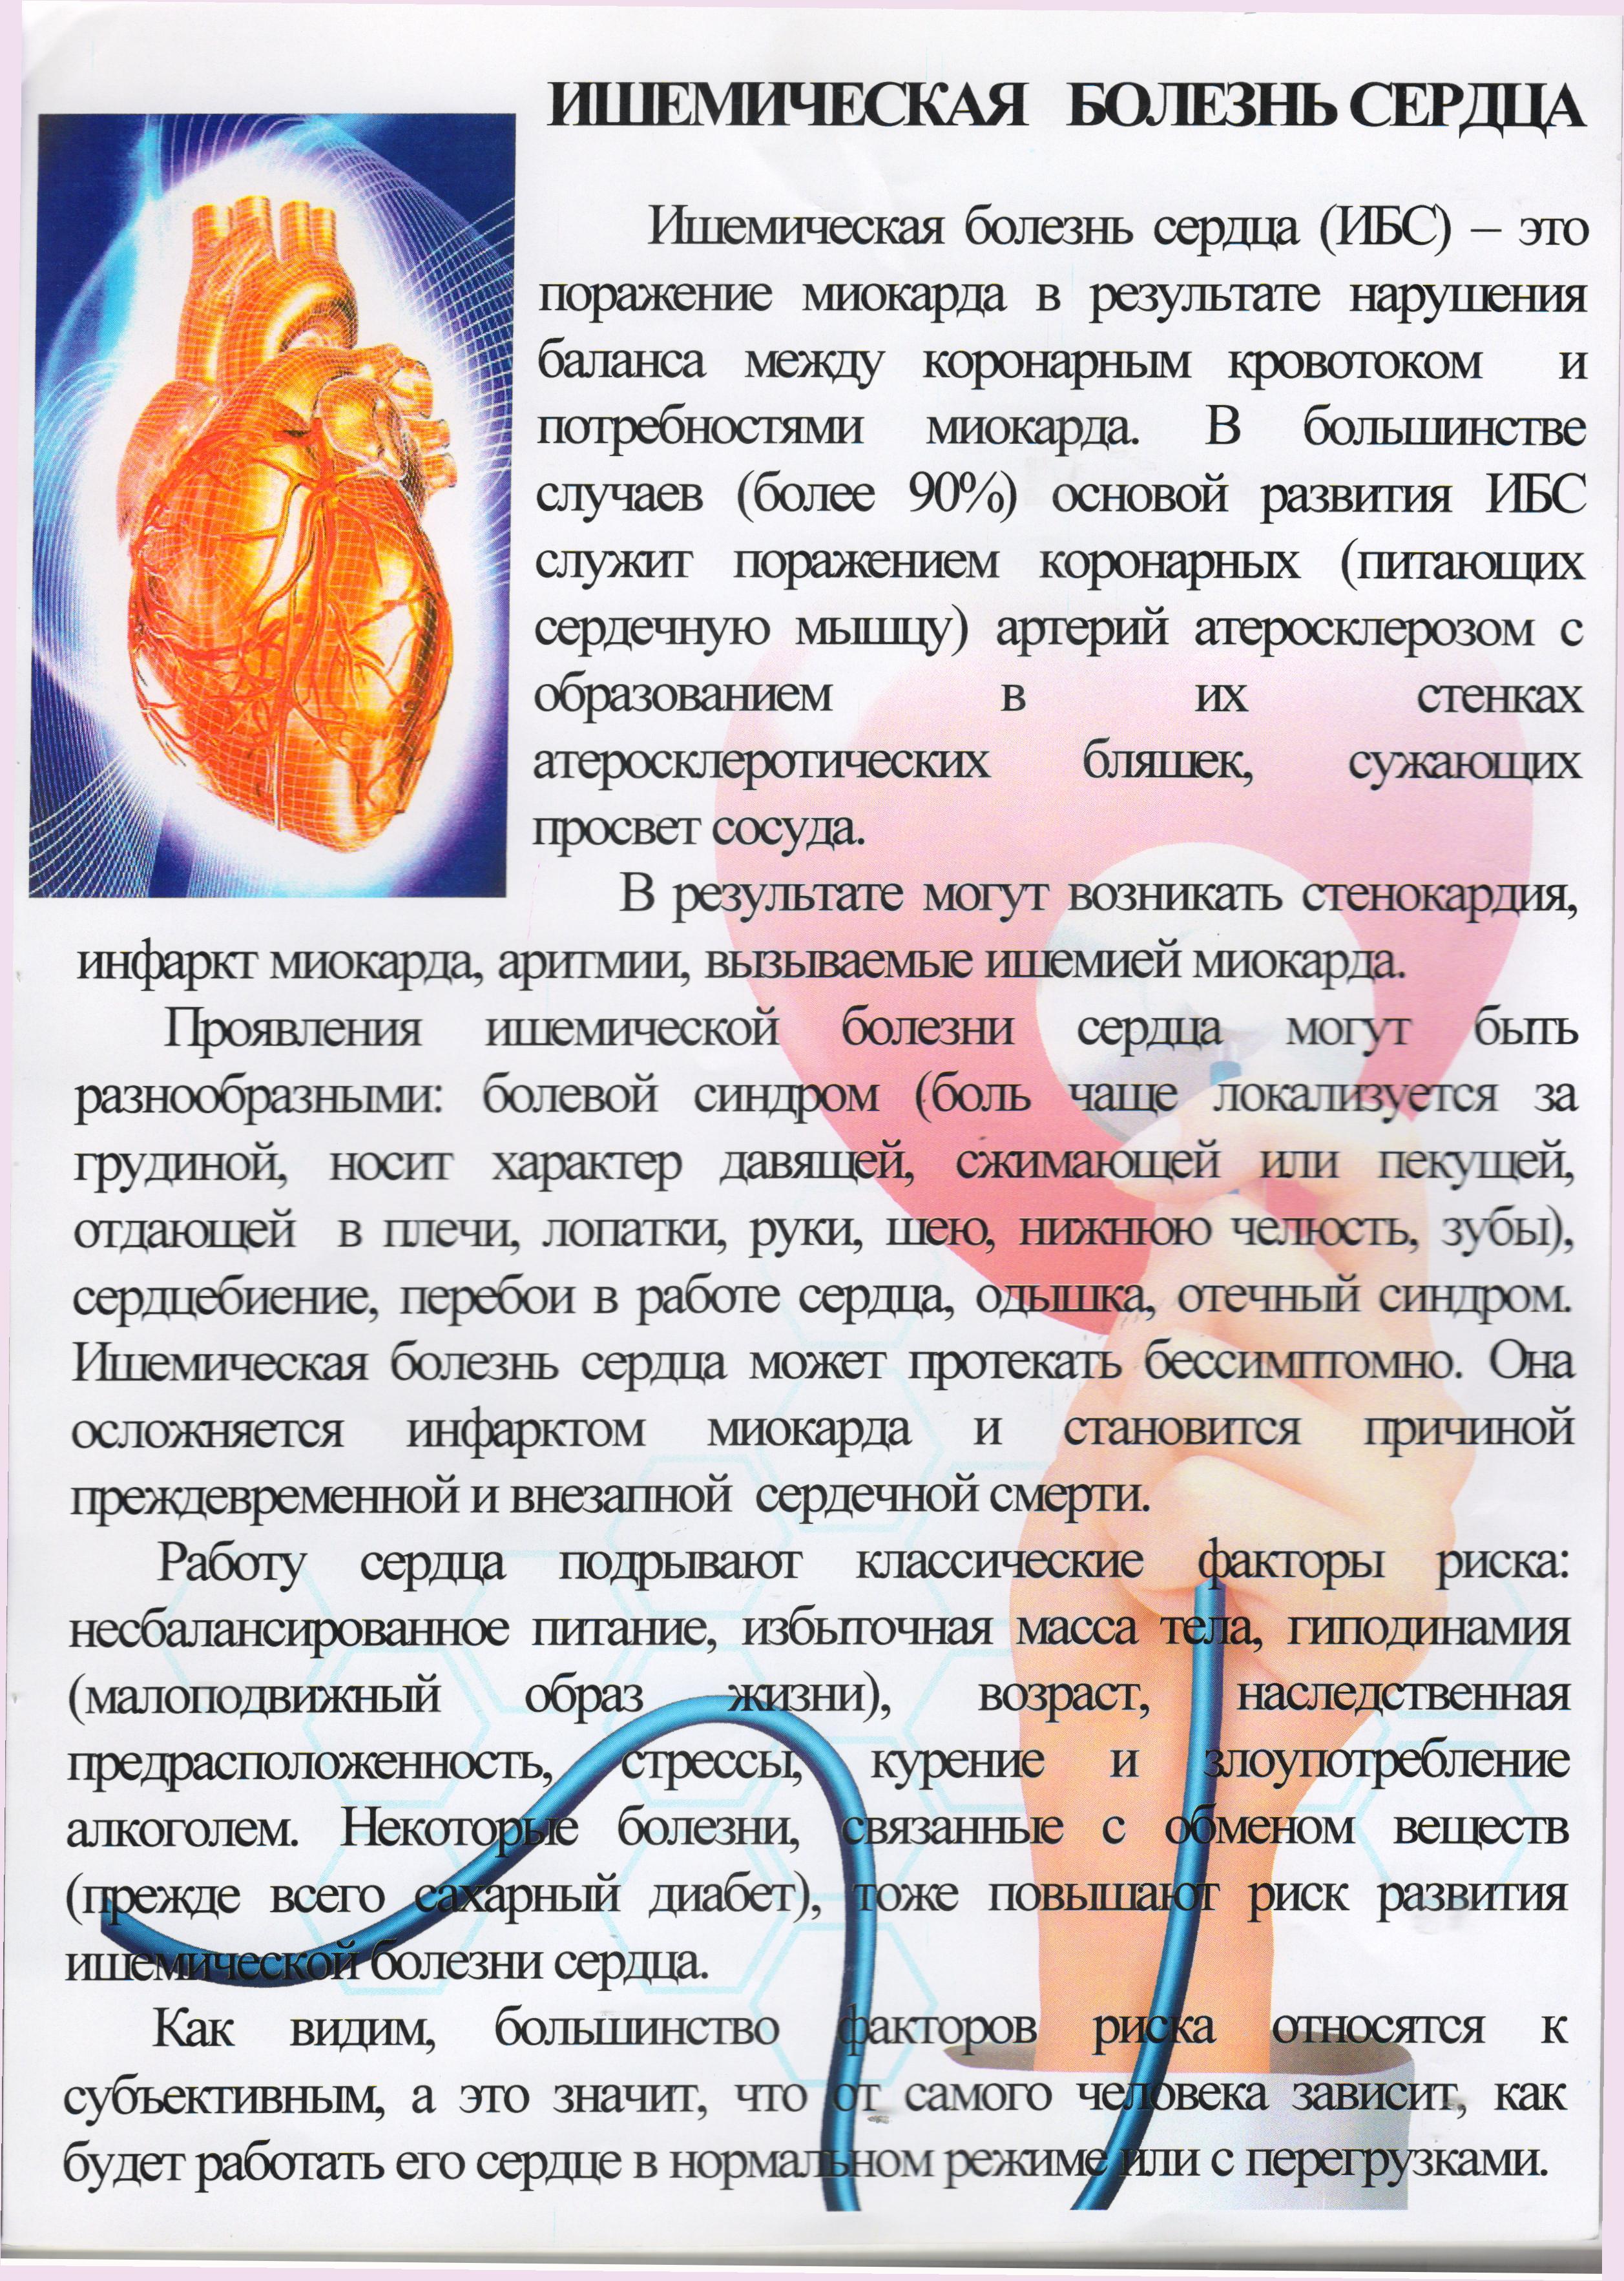 Ишемическая болезнь сердца - что это за болезнь и чем опасна?